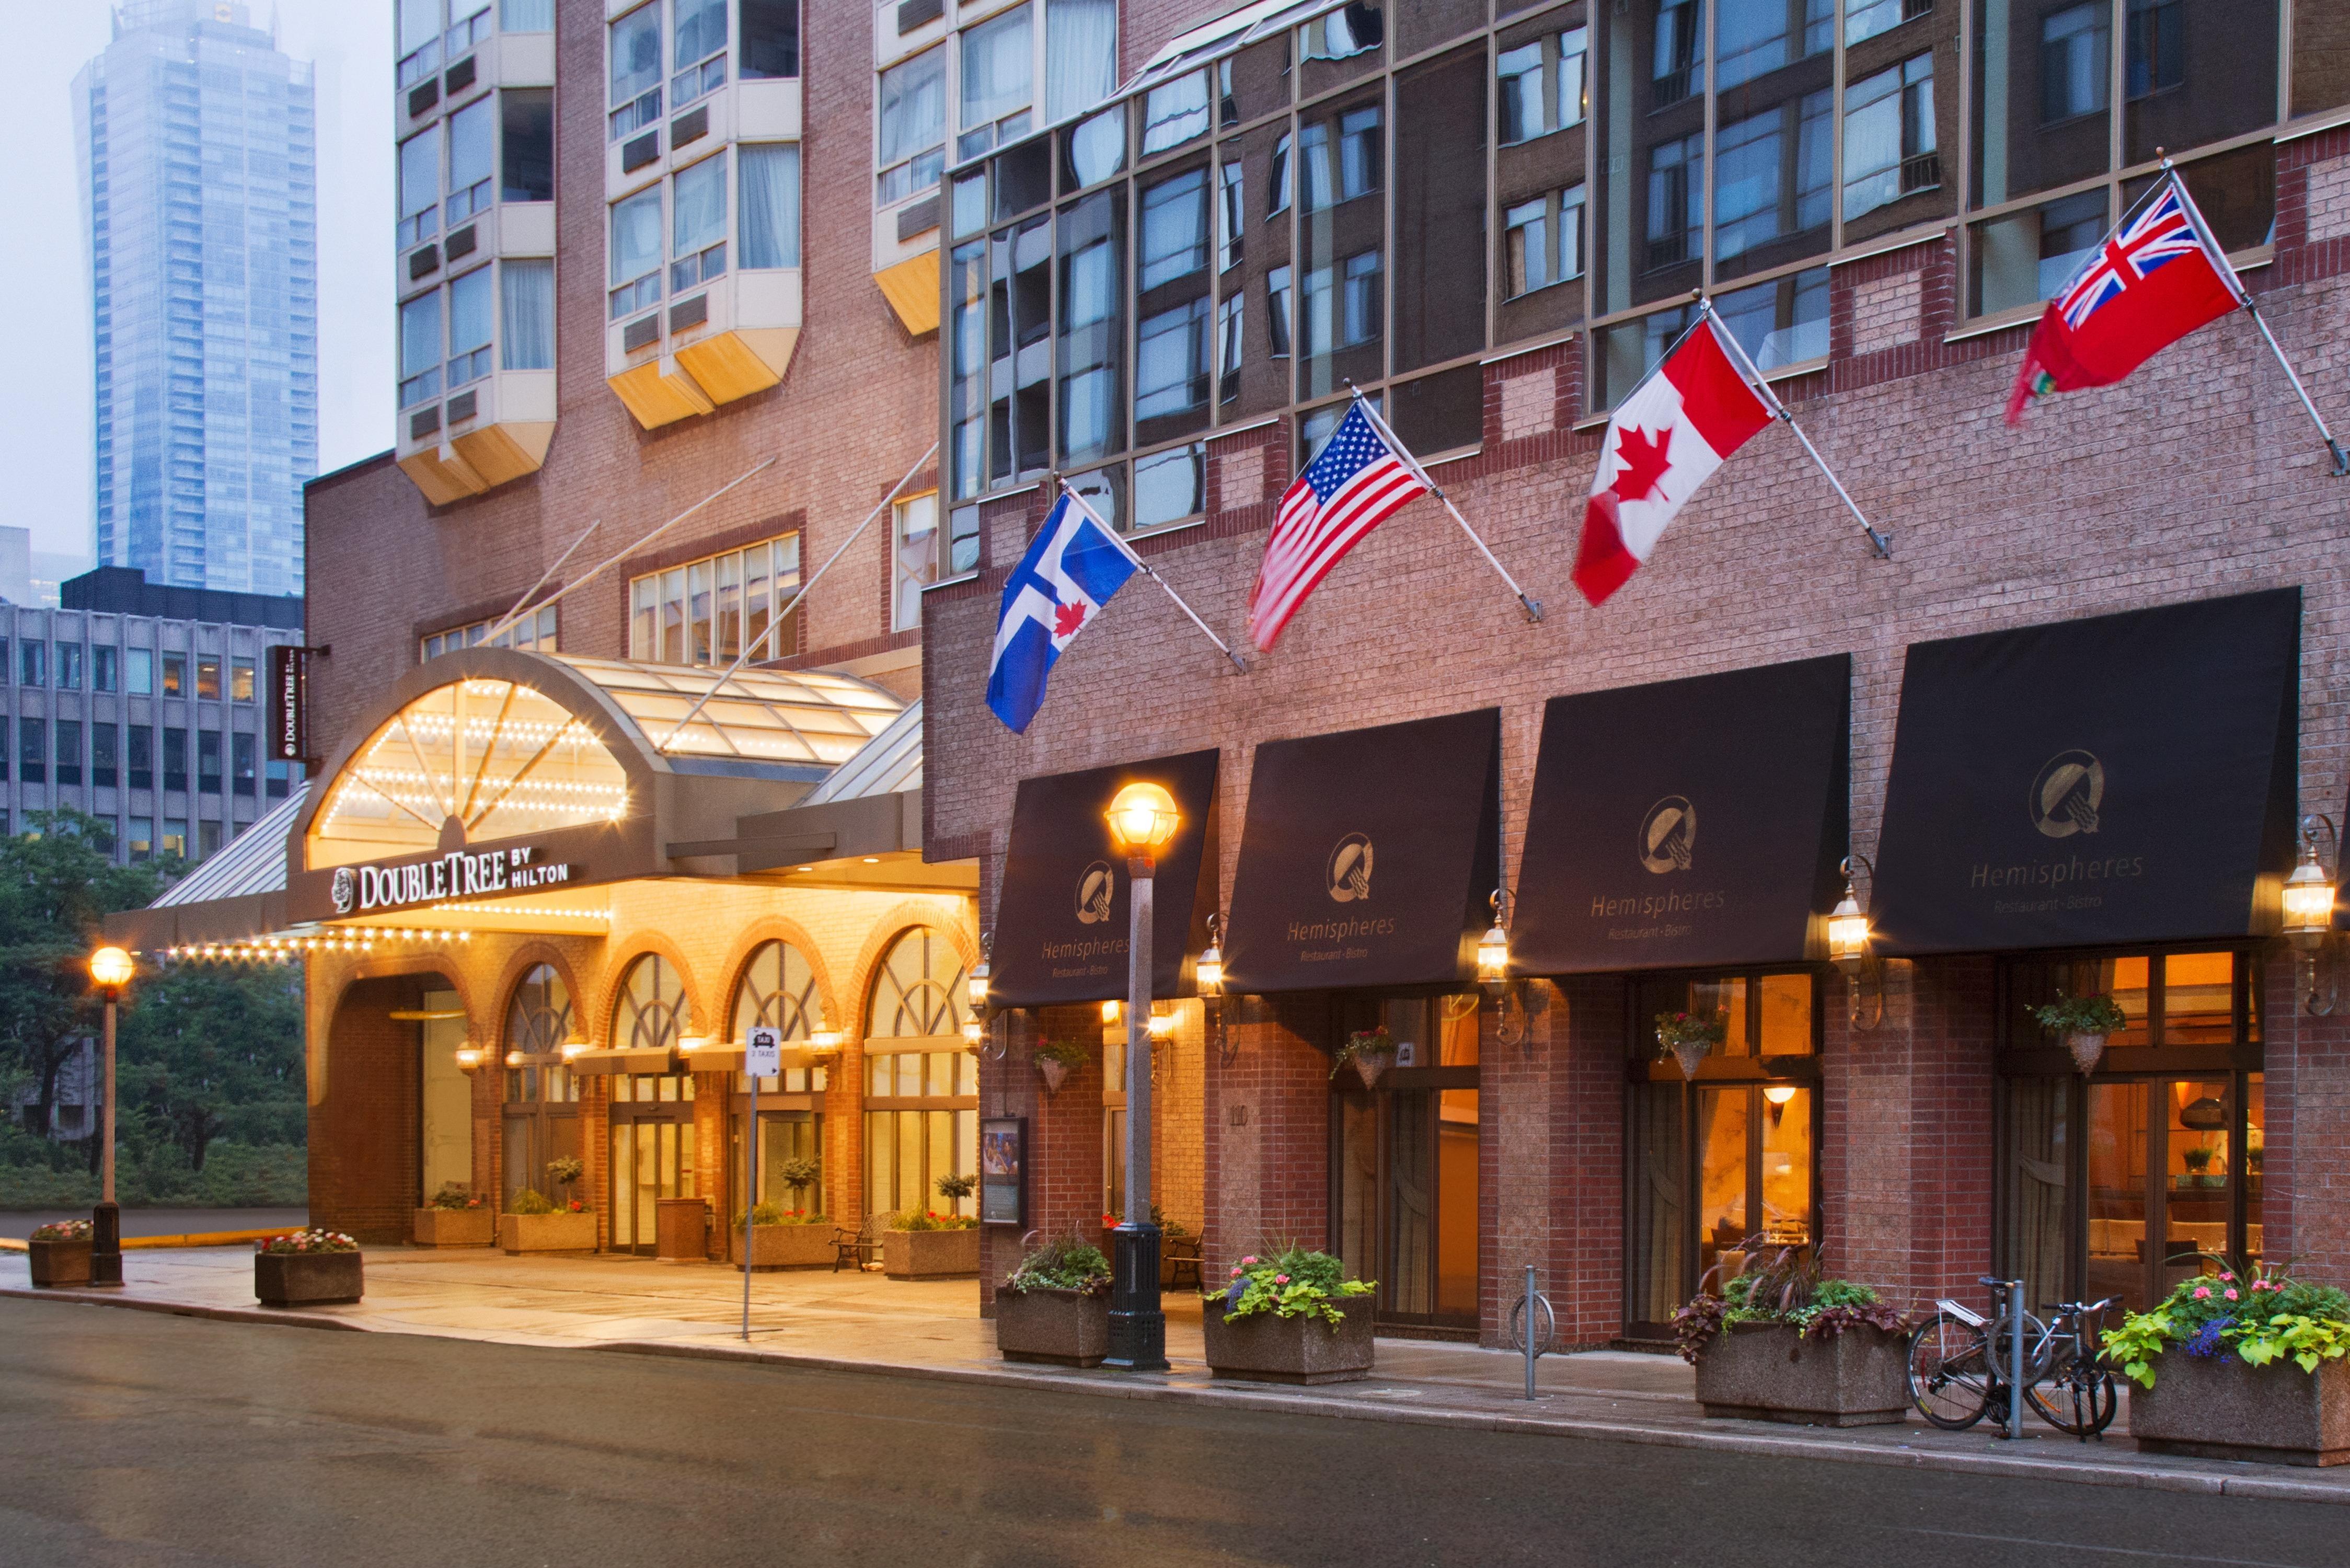 Hilton Hotel Saratoga Springs